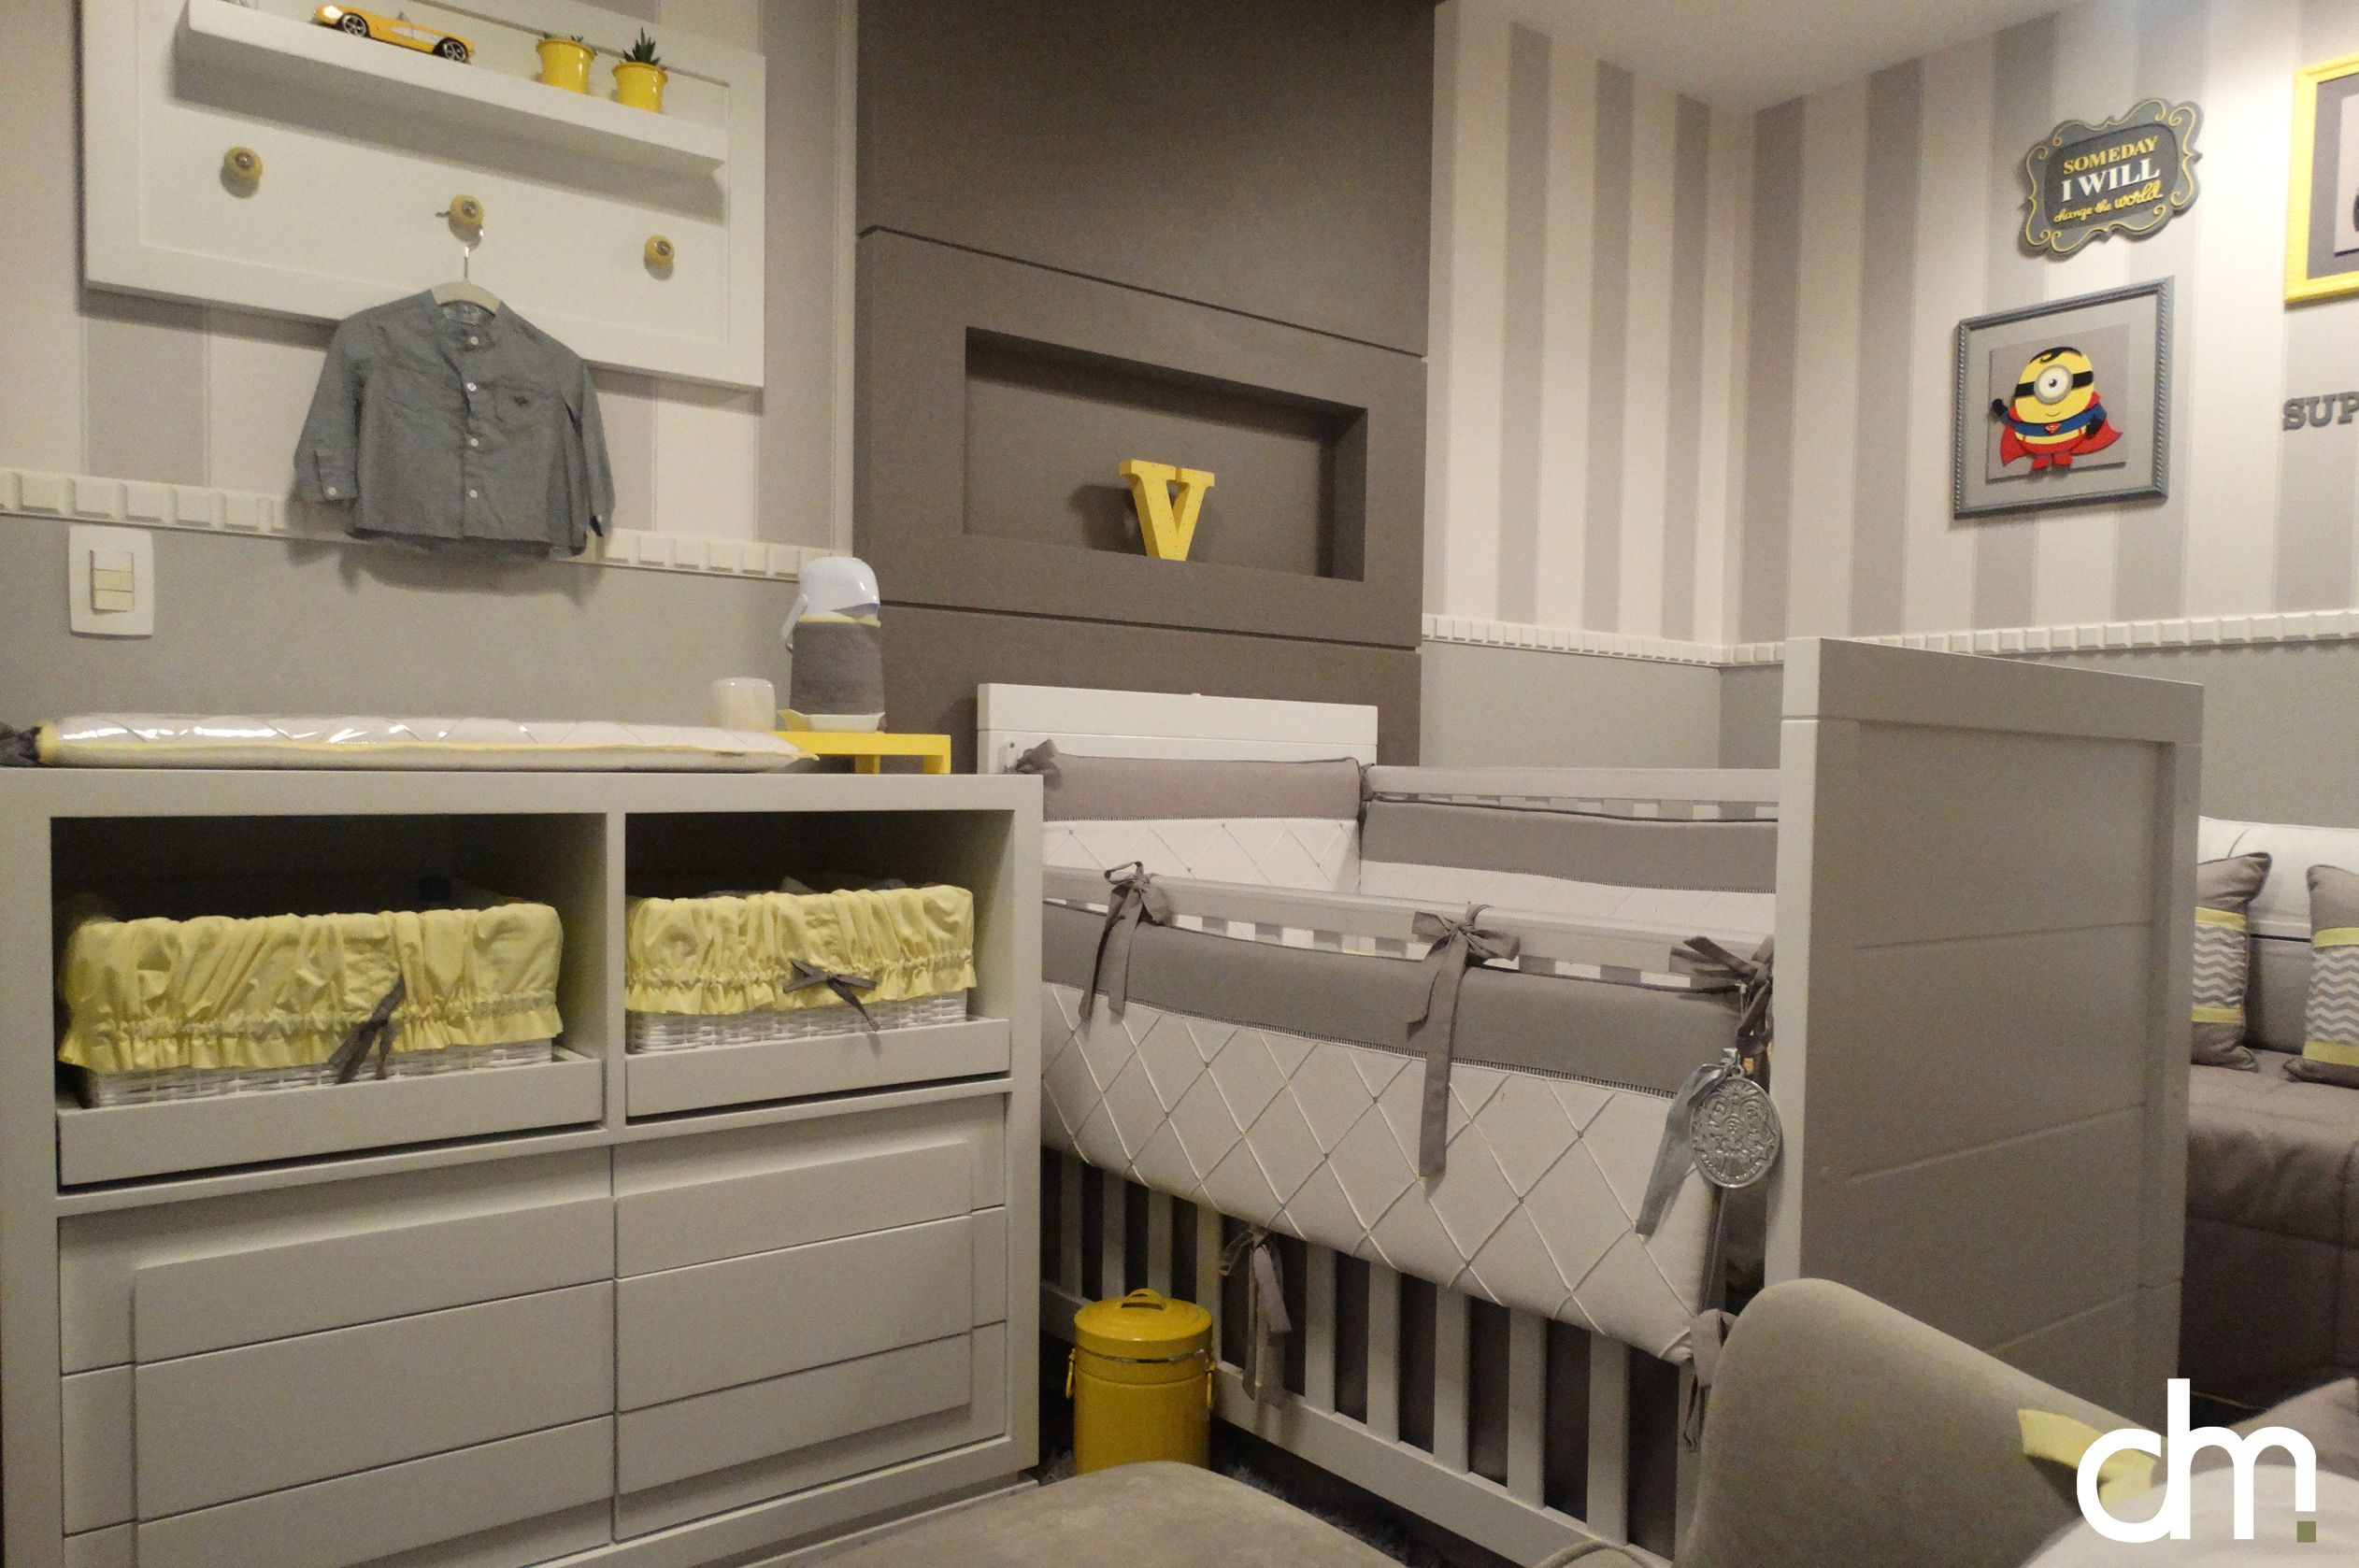 Decora O De Quarto De Beb Em Tons De Cinza Amarelo E Branco  ~ Quarto De Bebe Cores E Quadrinhos Quarto Bebe